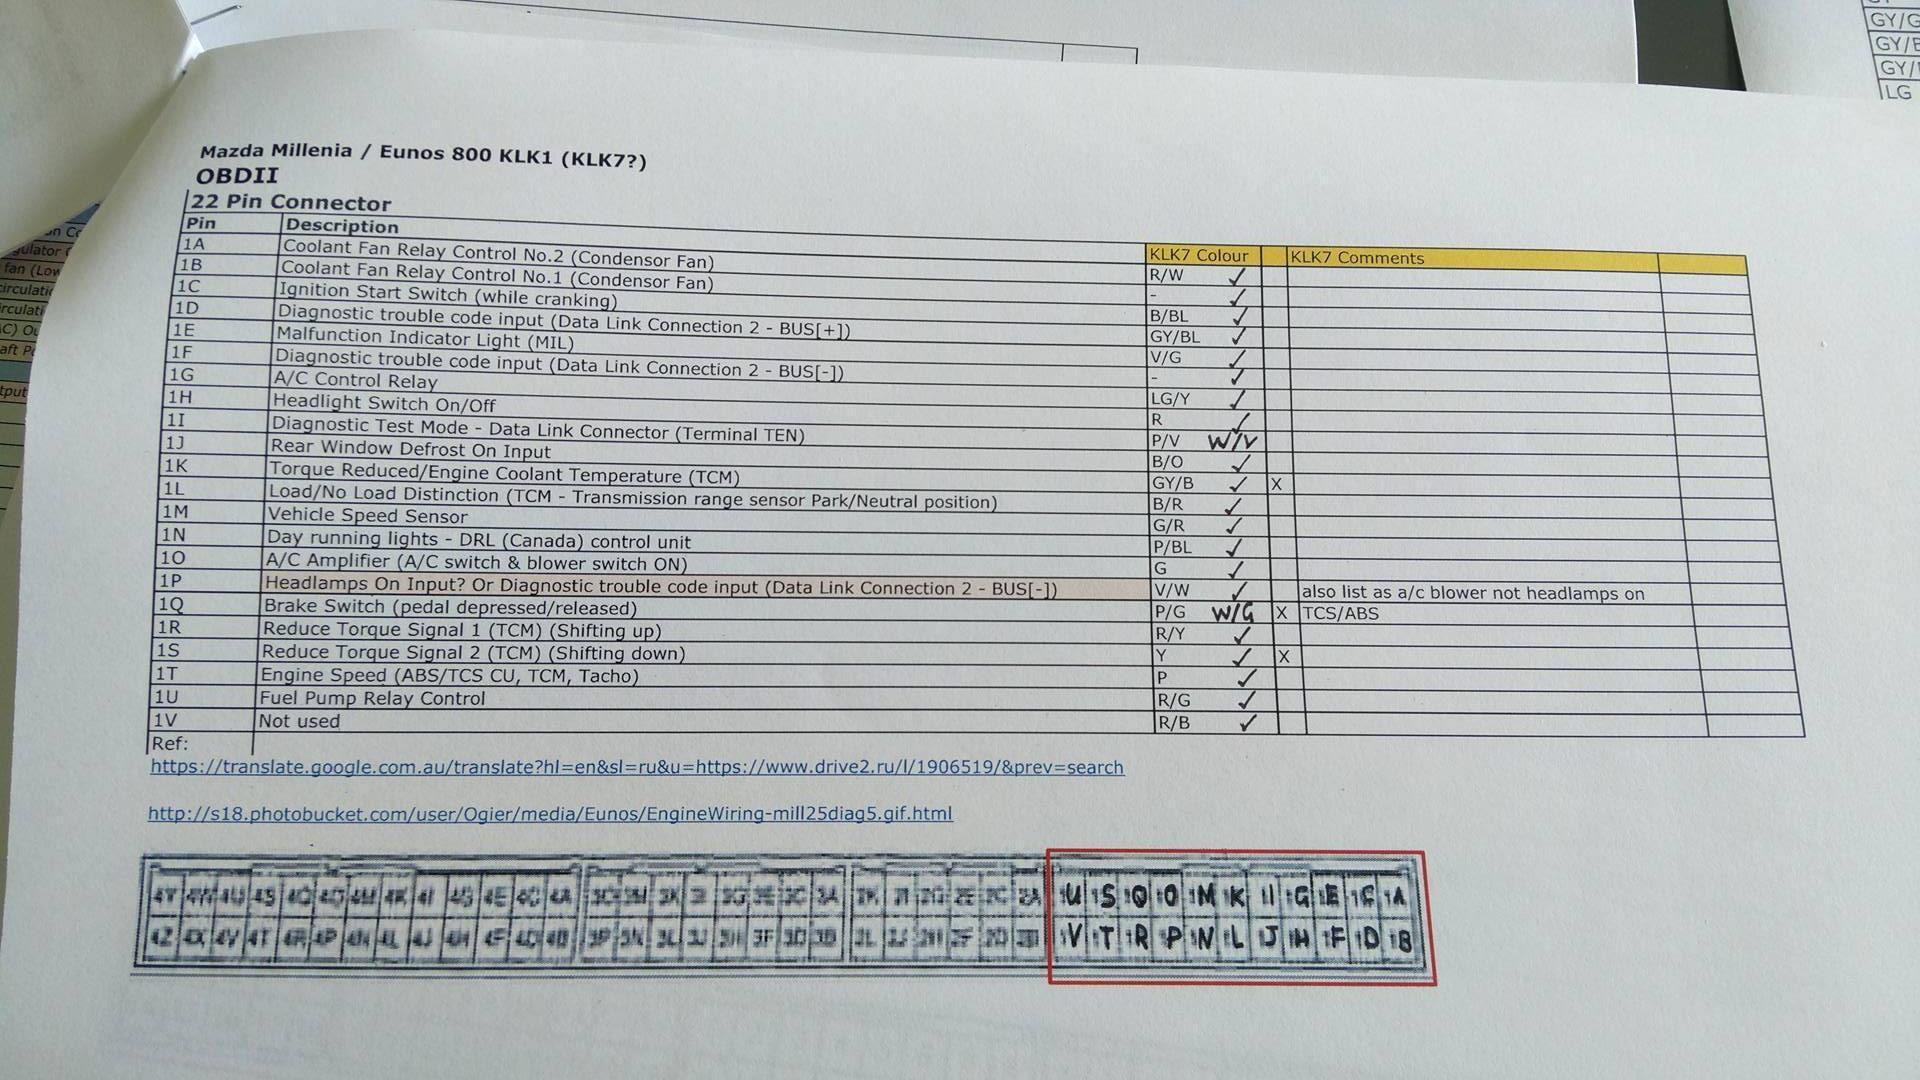 Mazda Mx6 Ecu Diagram Ecu Pinouts, Schematics.'94/5 Mx6 / Pgt – Obdi and 95/6 & 97/8 … Of Mazda Mx6 Ecu Diagram